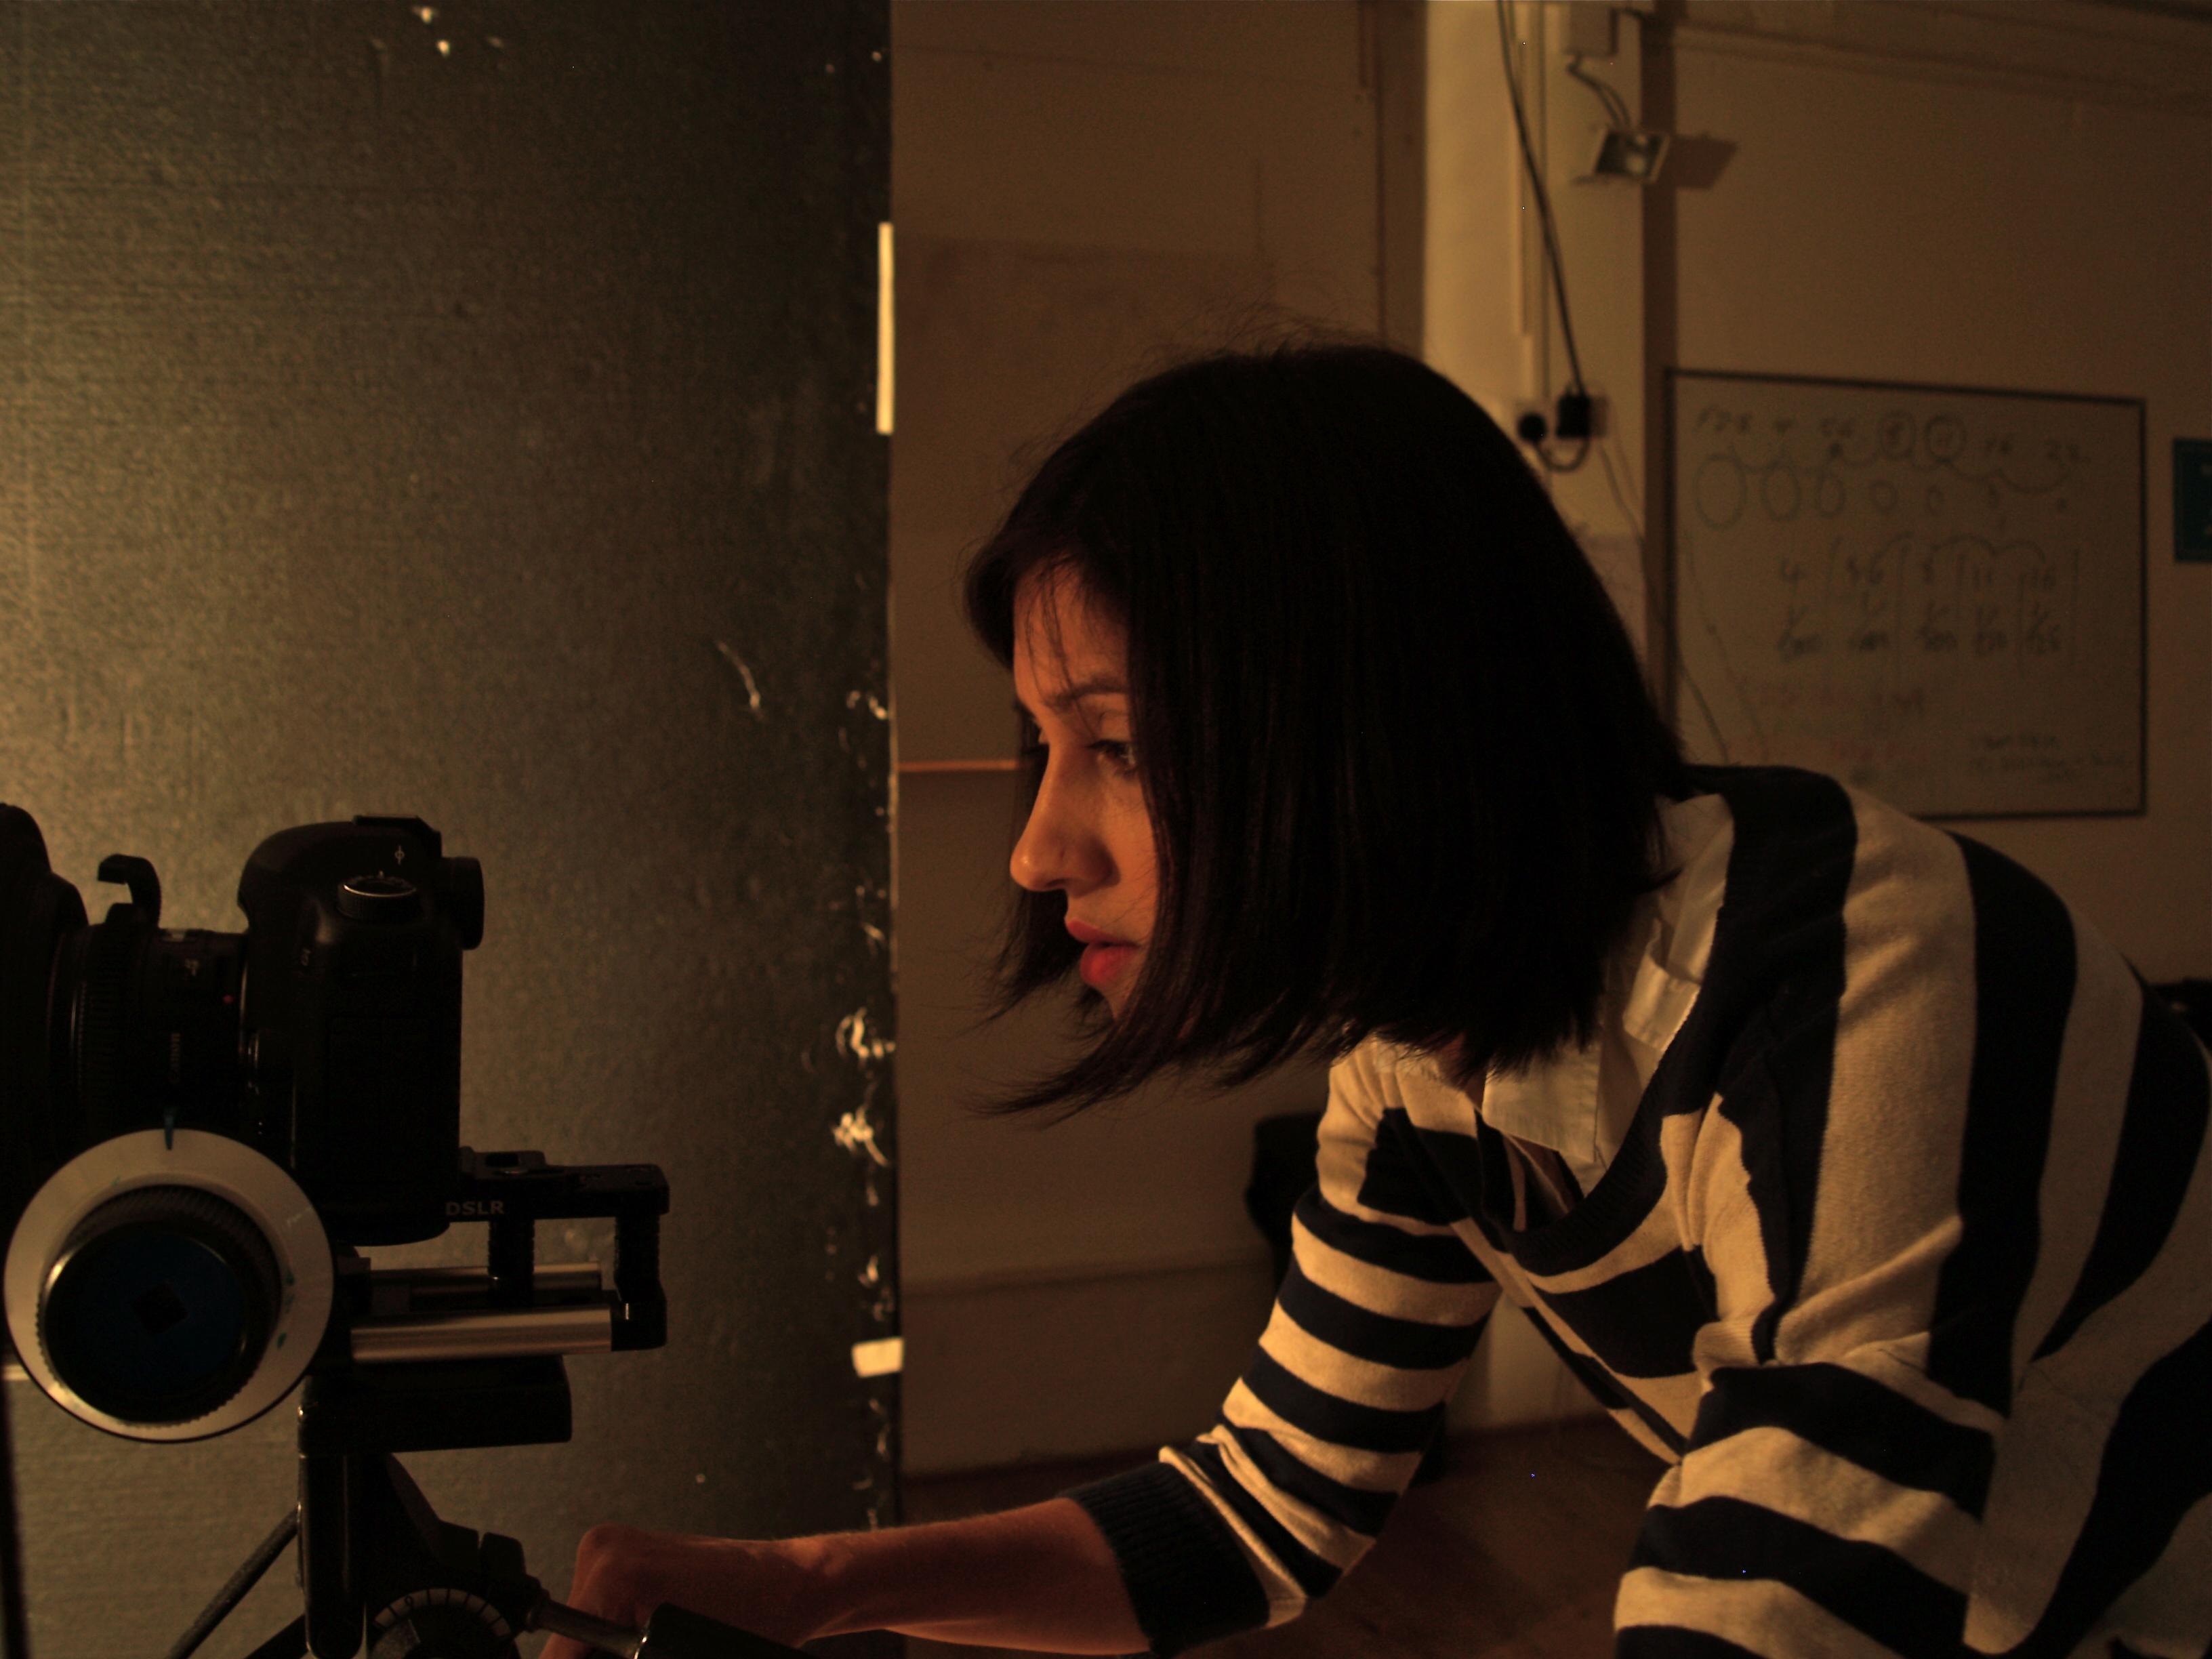 Manjinder Virk on set of short film, Out of Darkness. 2012.